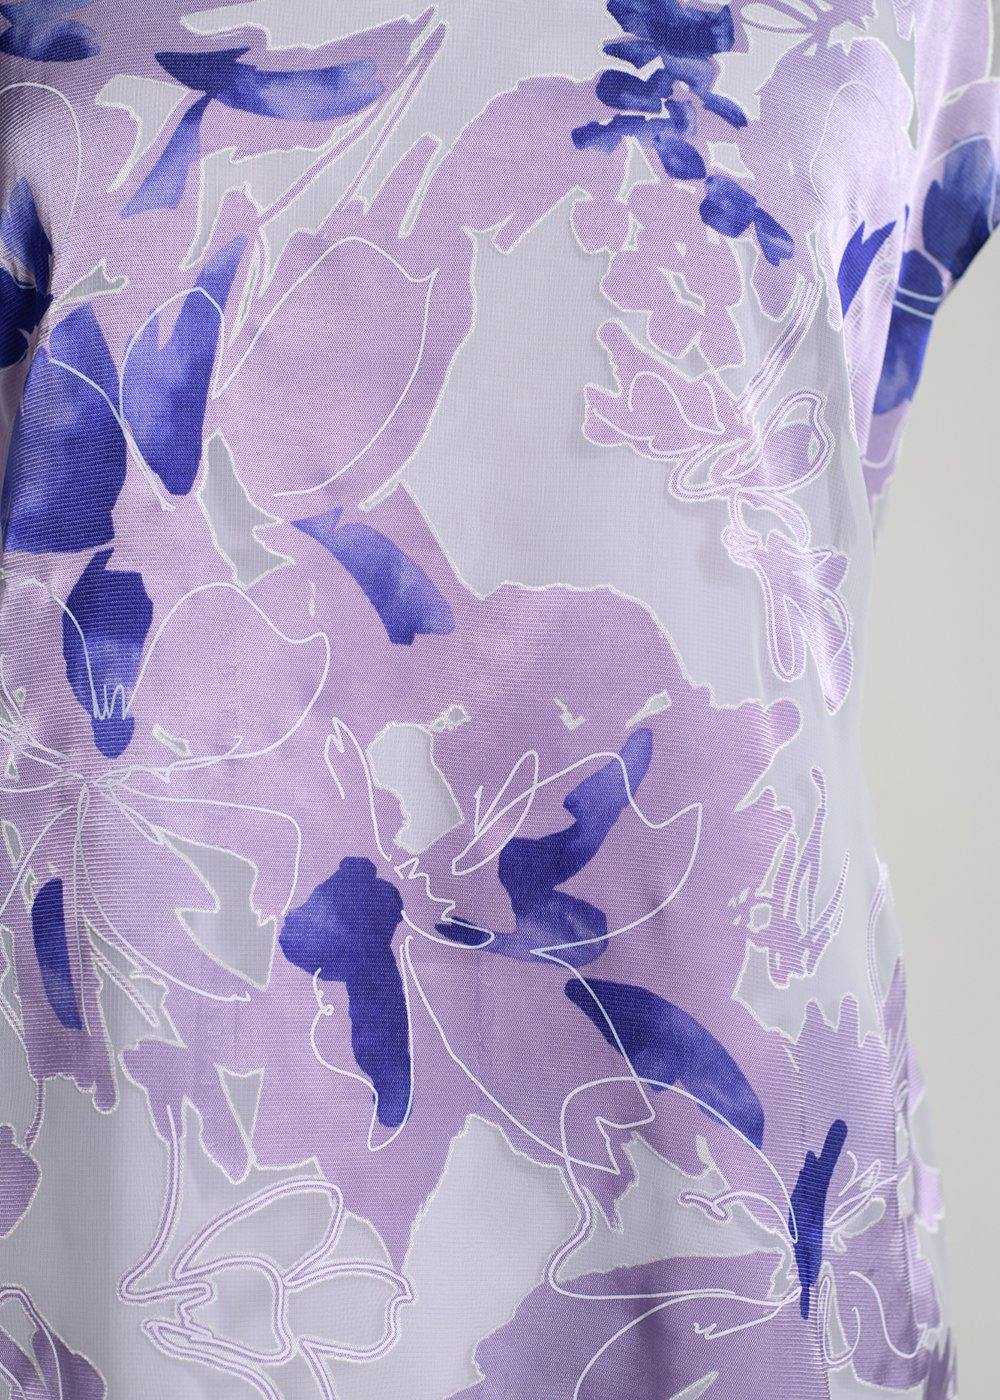 かりゆしウェア(沖縄版アロハシャツ) MAJUN - ベーシックバイオレット(ブラウス)